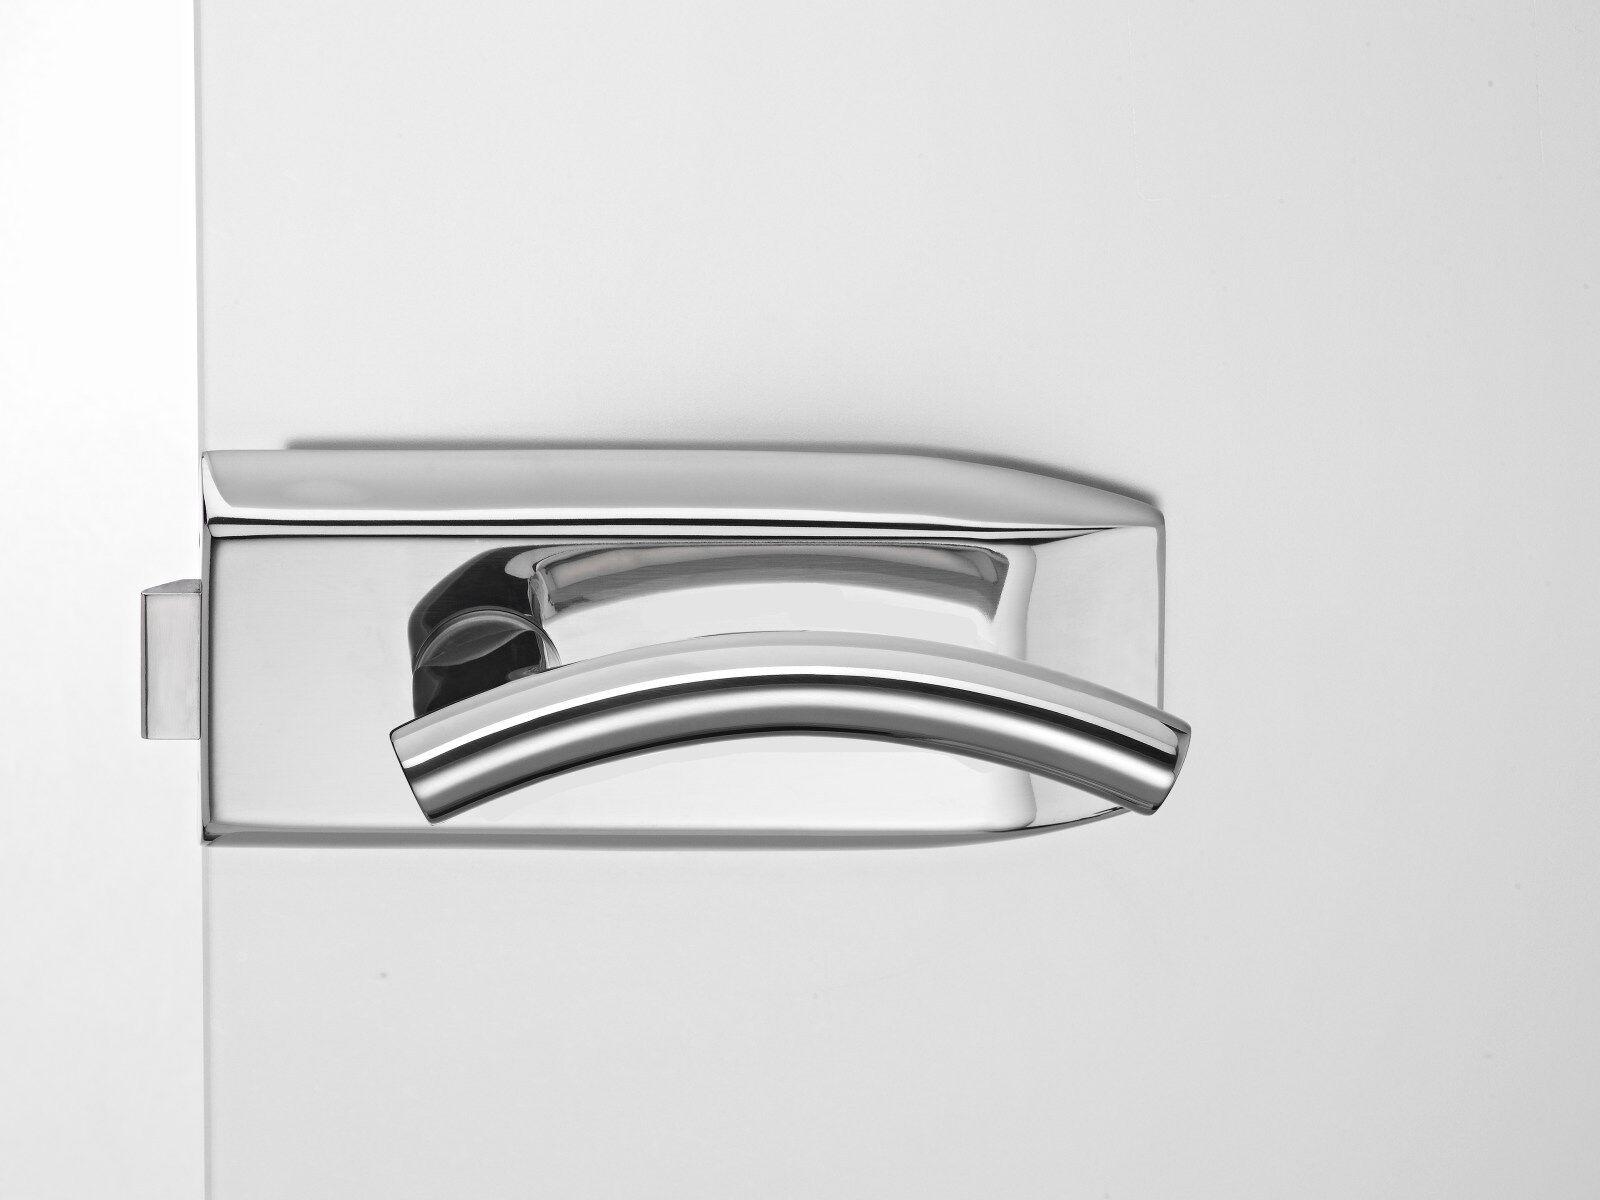 Glastürbeschlagset V100E.CH.UV-LH107 Edelstahl poliert | Zuverlässige Leistung  | Niedrige Kosten  | Üppiges Design  | Sehr gute Farbe